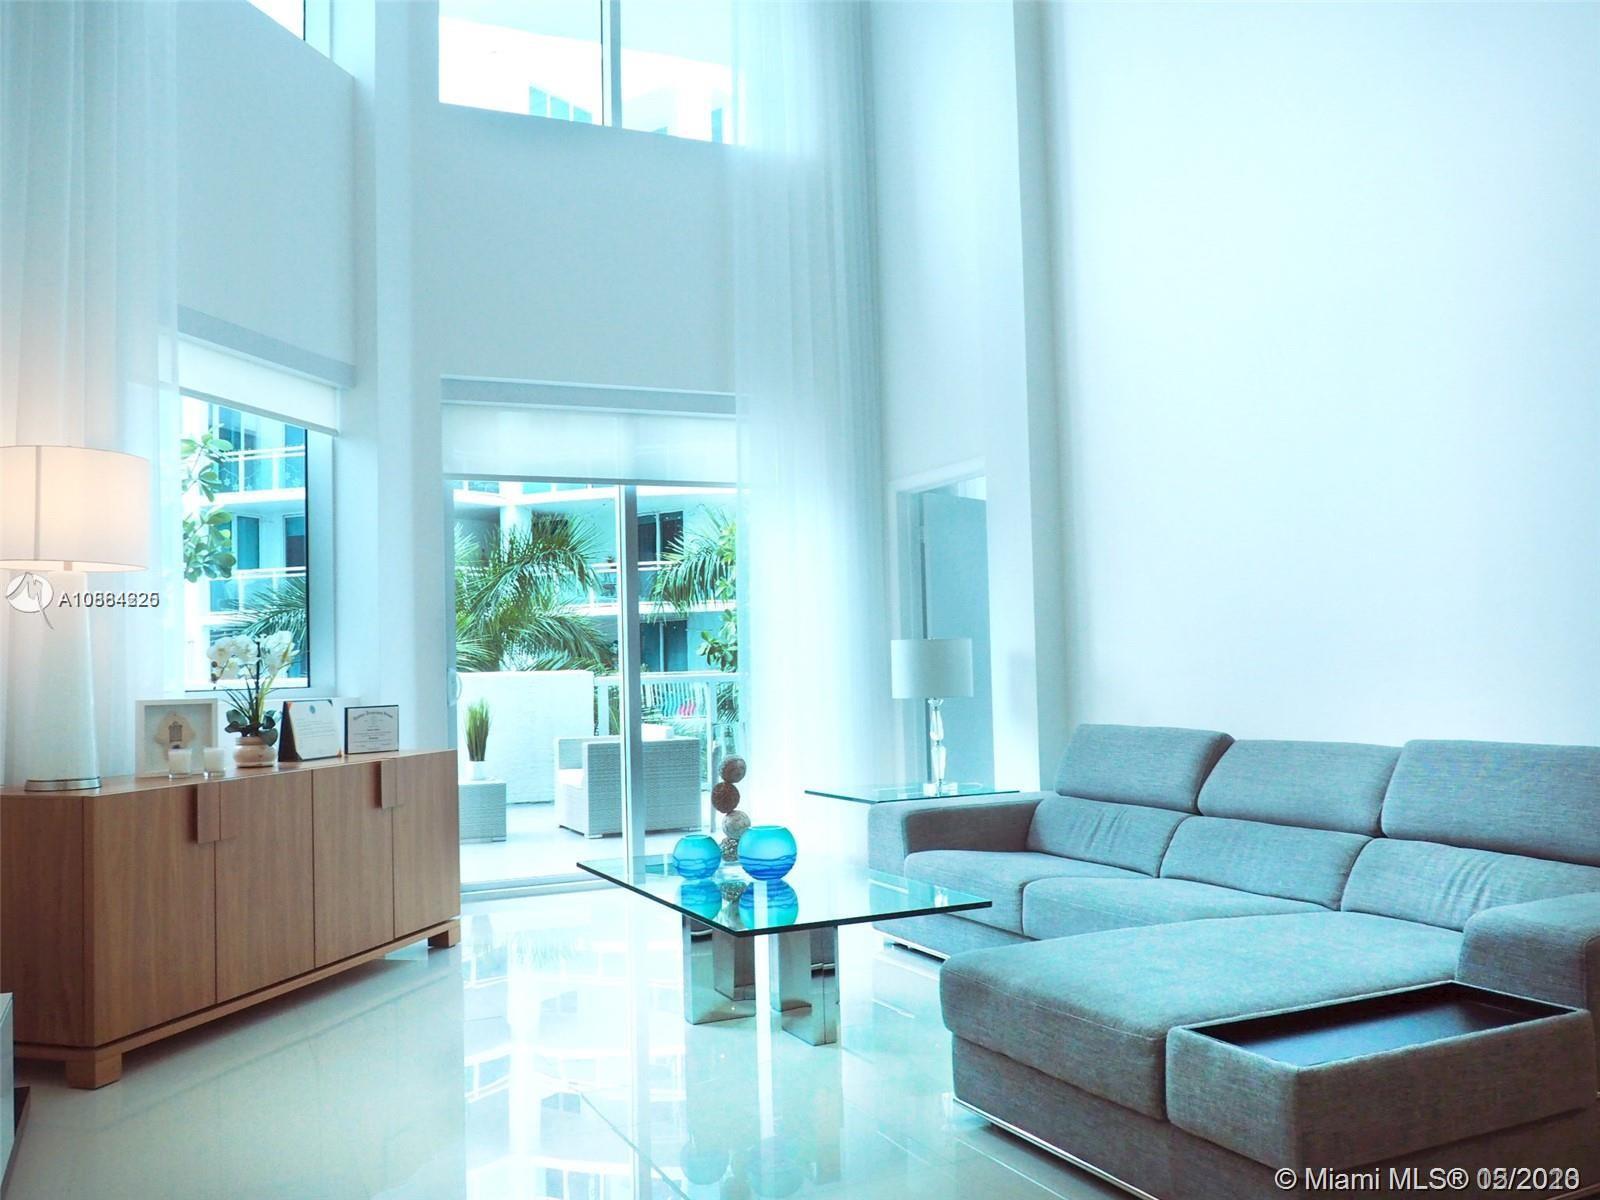 3030 NE 188th St #306, Aventura, FL 33180 - Aventura, FL real estate listing